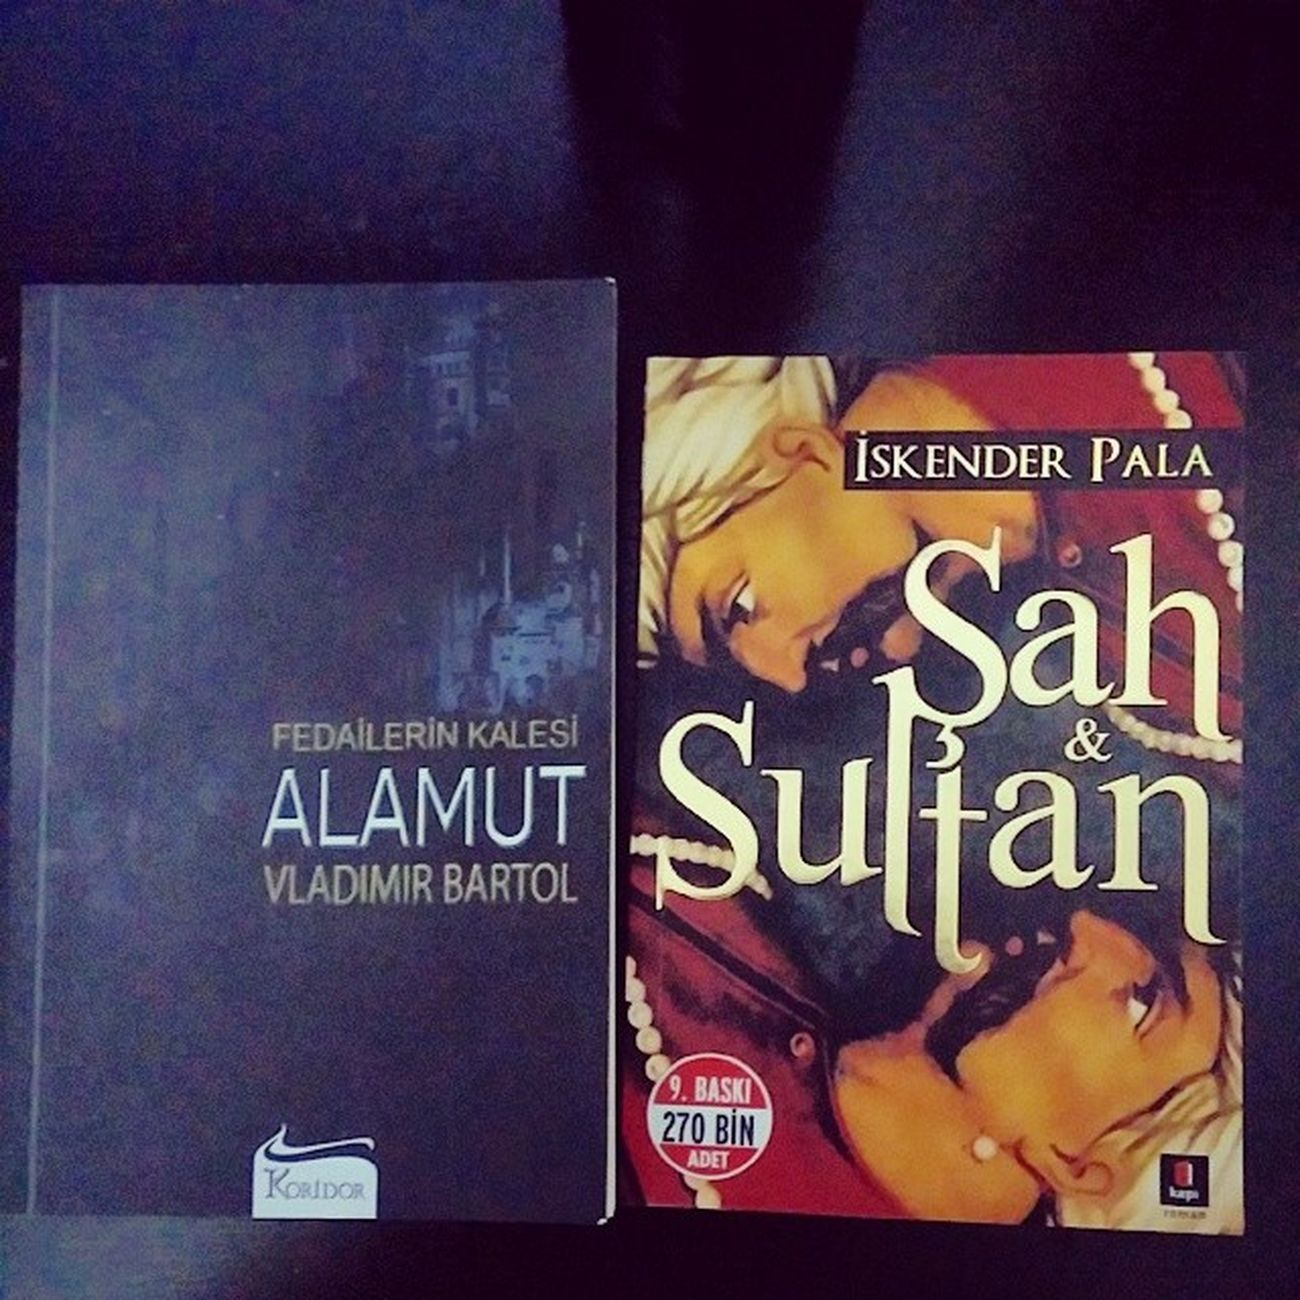 Bu iki kitabi ayni anda alinca kitapcida çalışan çocuk bile sasirdi Alamut ile başlayalım bakalım. Alamut Vladimirbartol Sahvesultan Iskenderpala